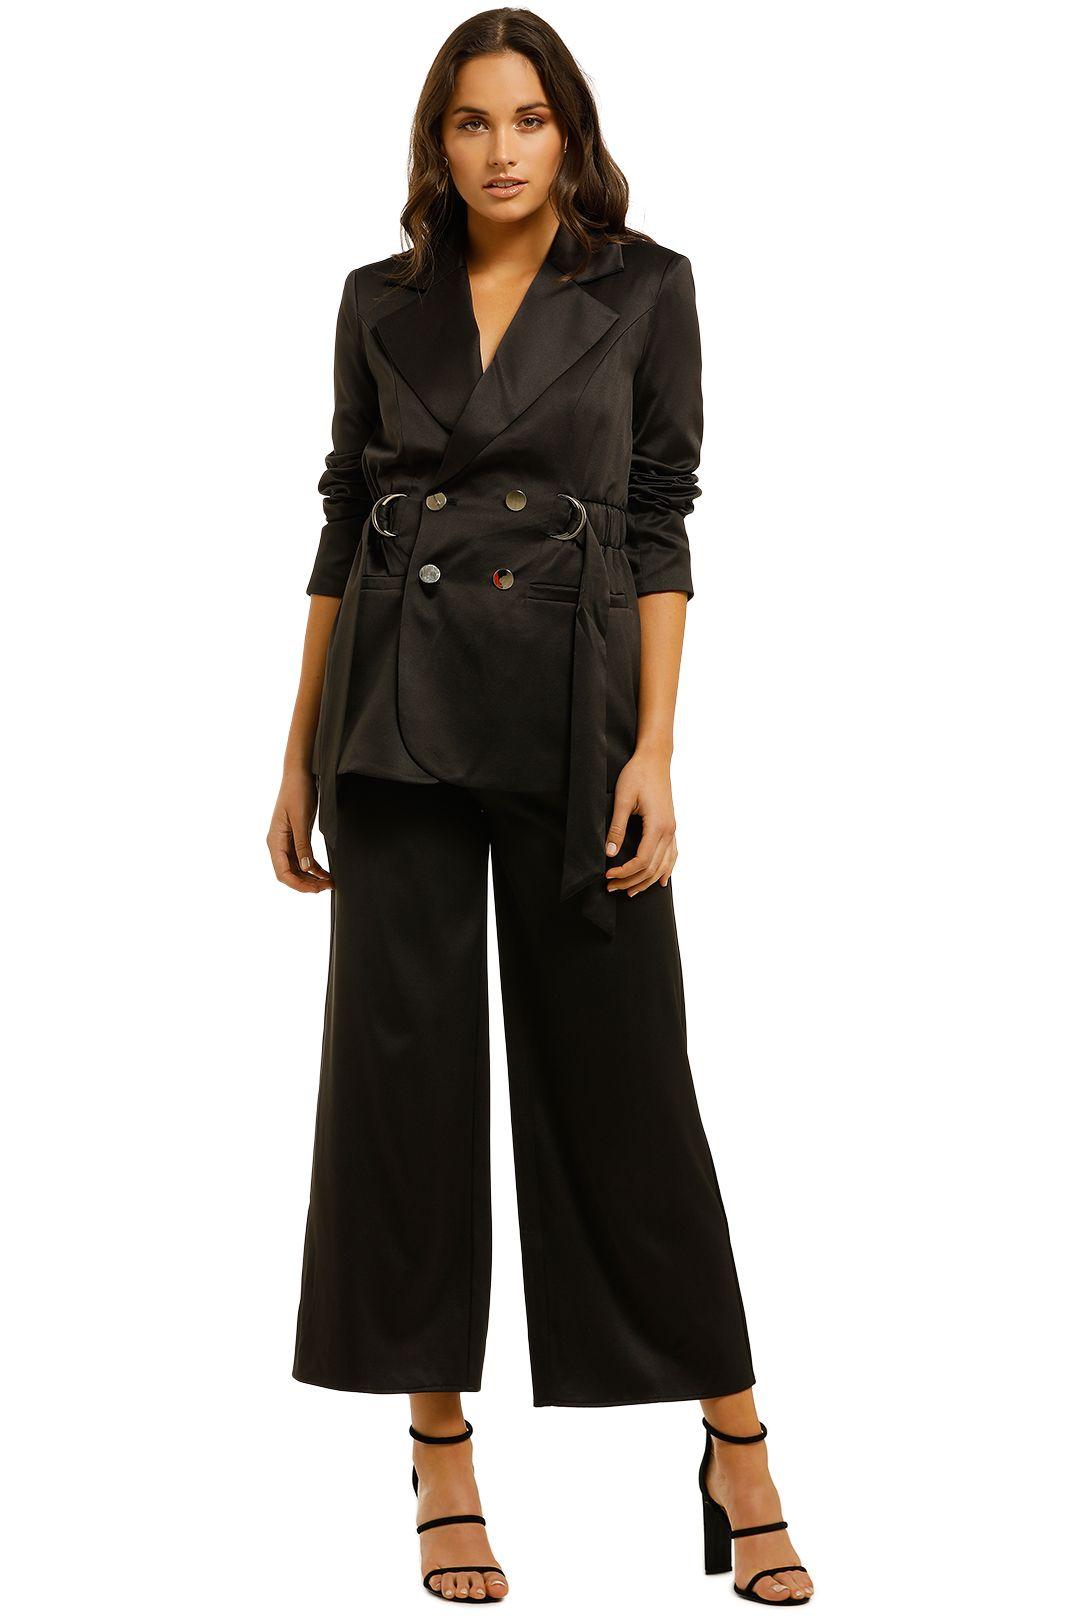 Elliatt-Shimmer-Blazer-and-Pant-Set-Black-front